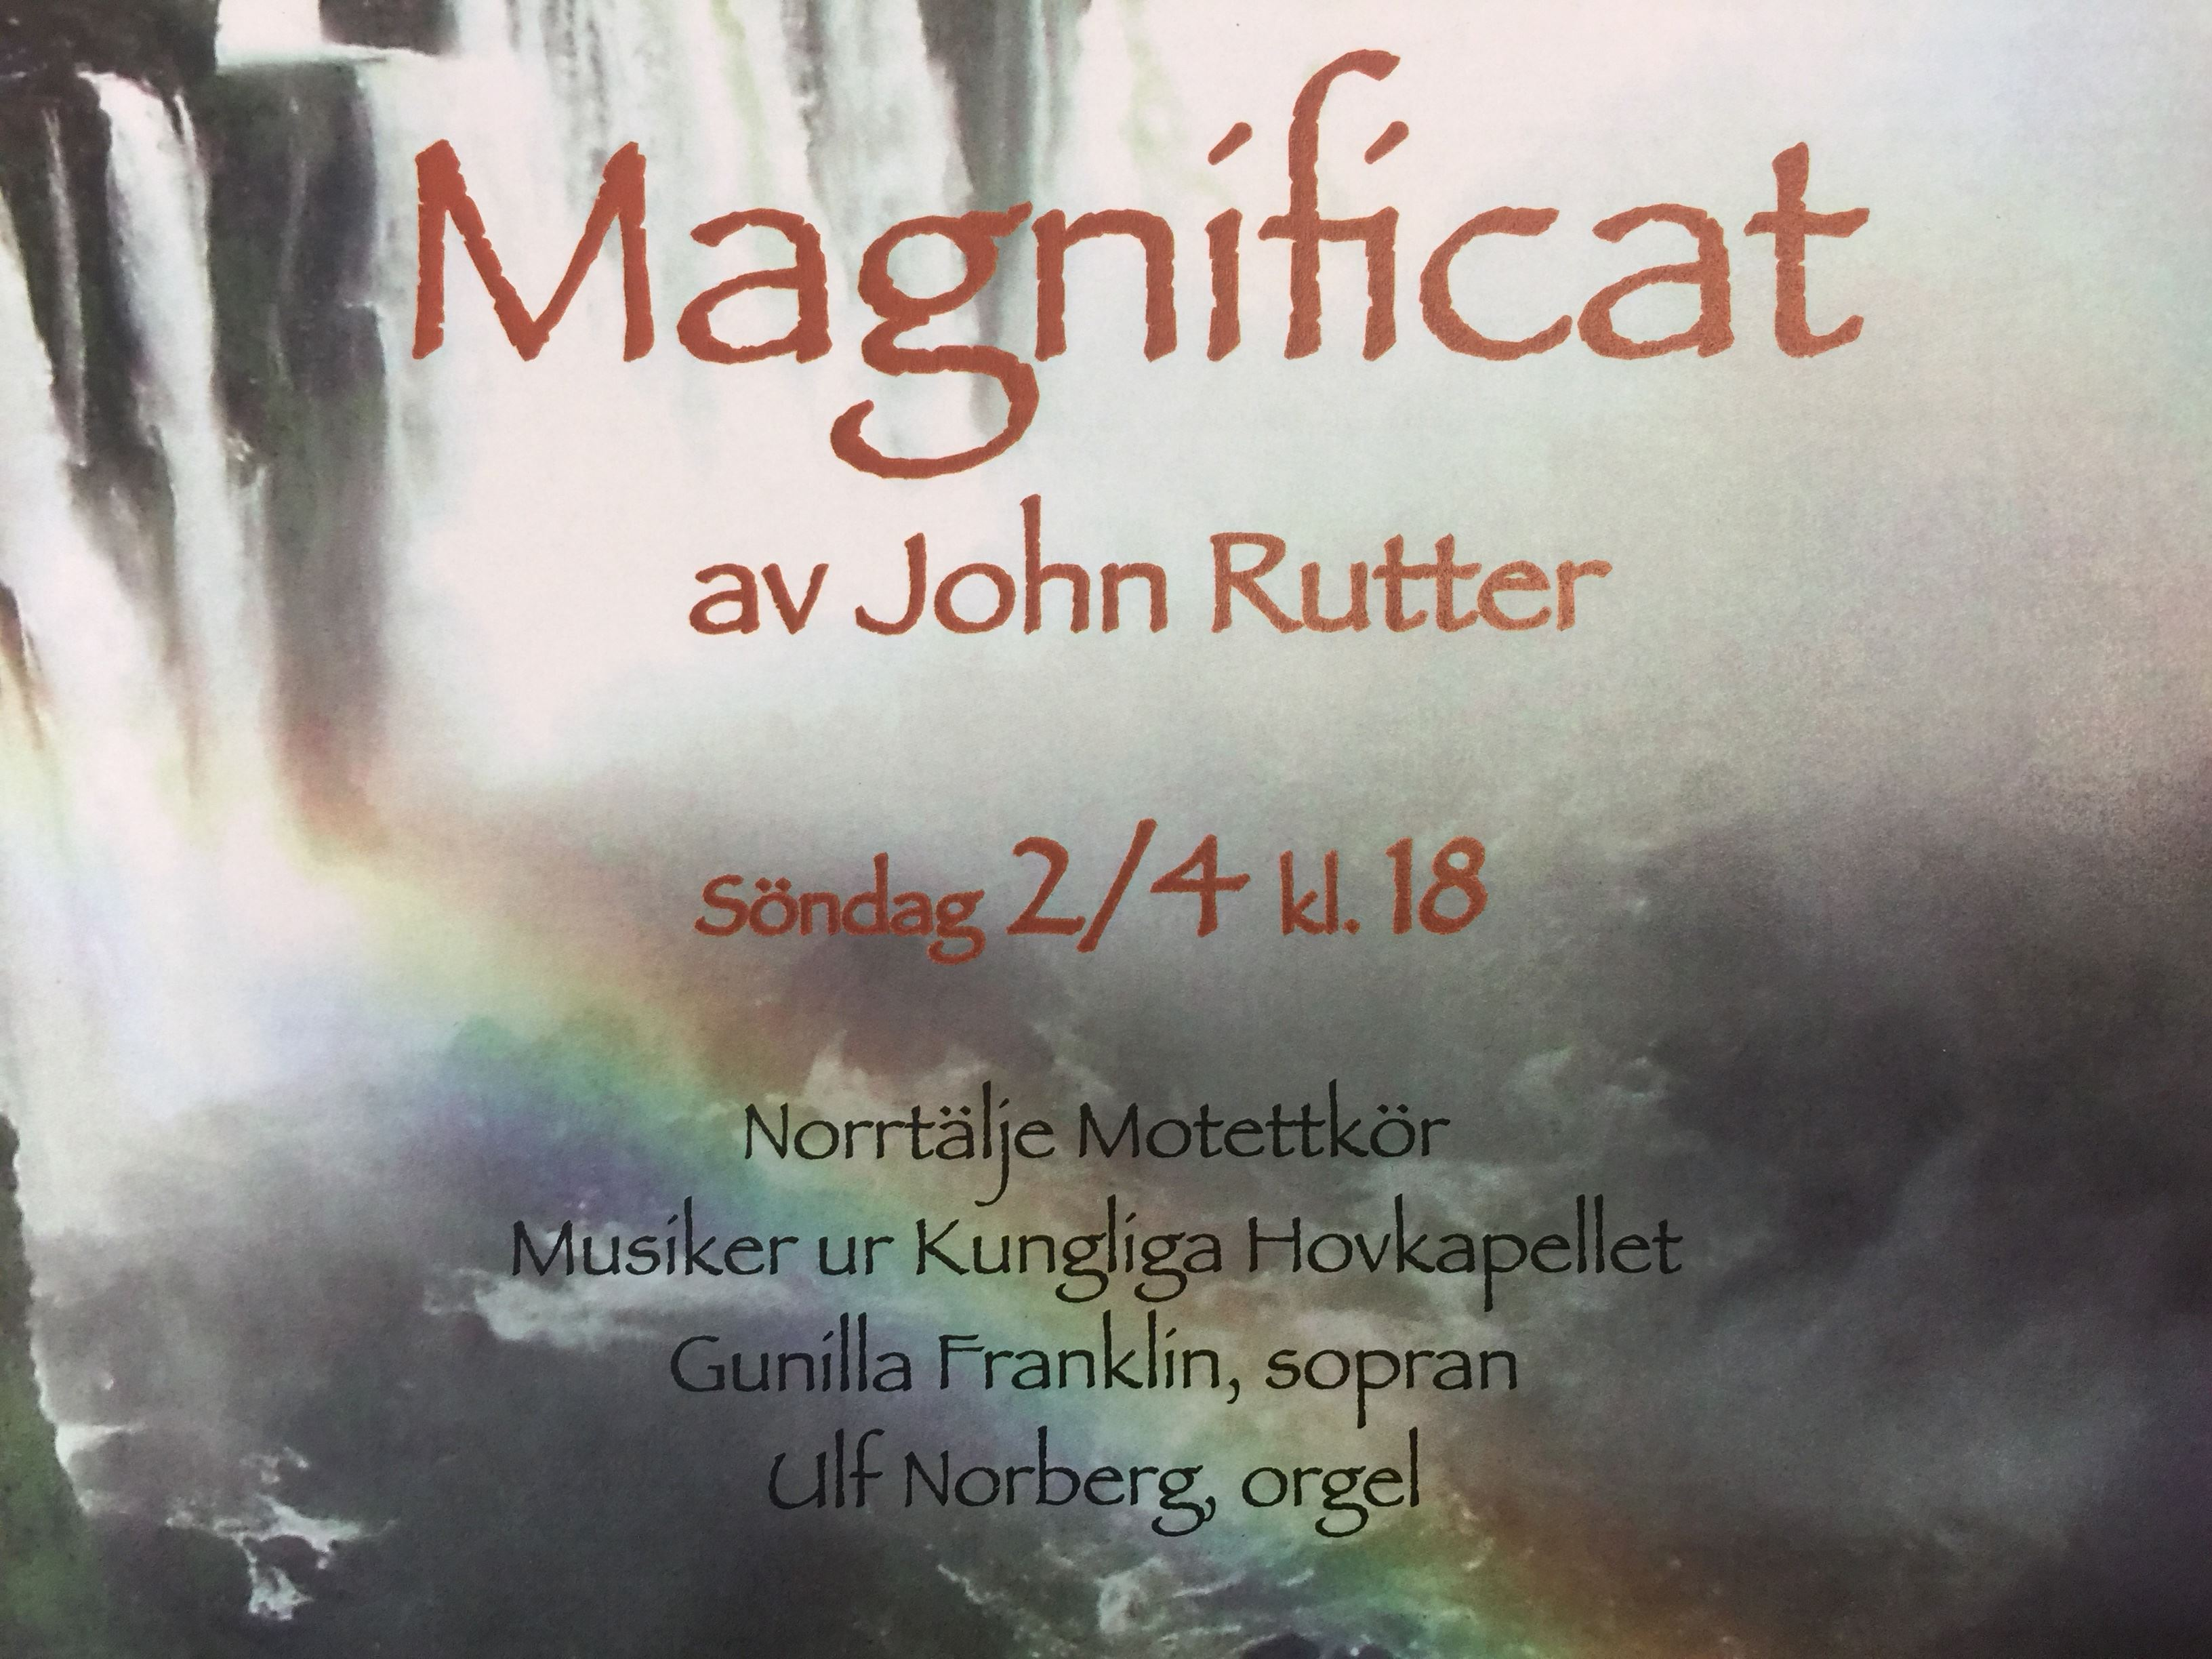 Magnificat - Konsert i Norrtälje kyrka 2/4